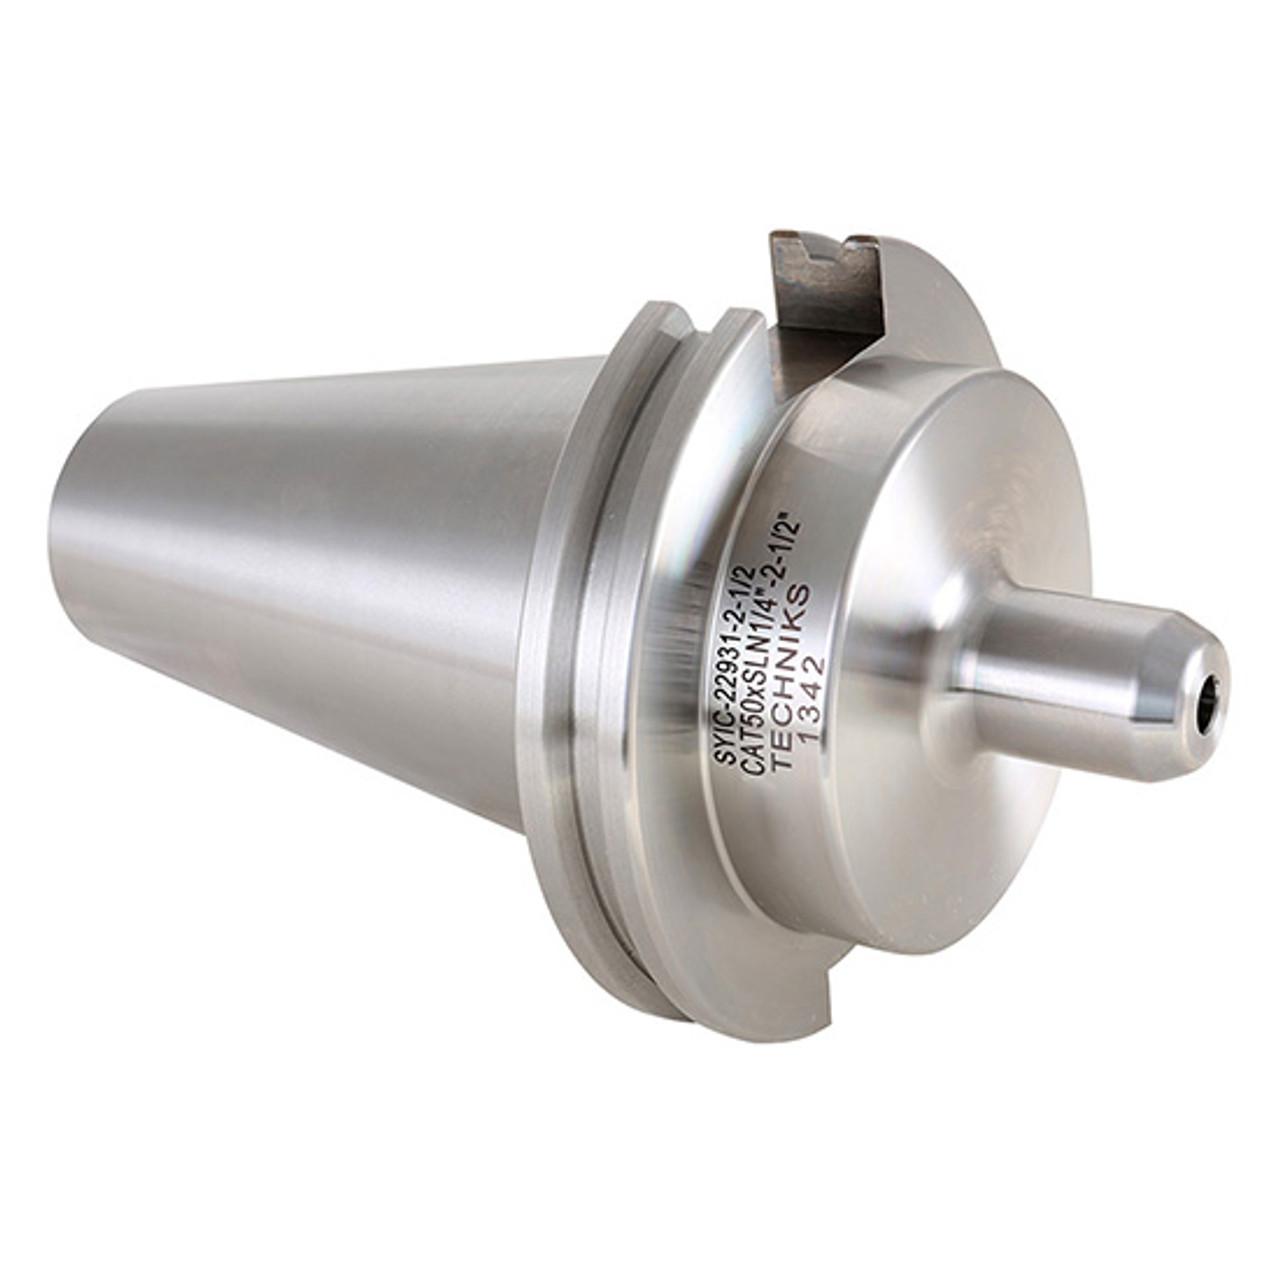 Techniks CAT50 1//2 x 6 Extended End Mill Holder